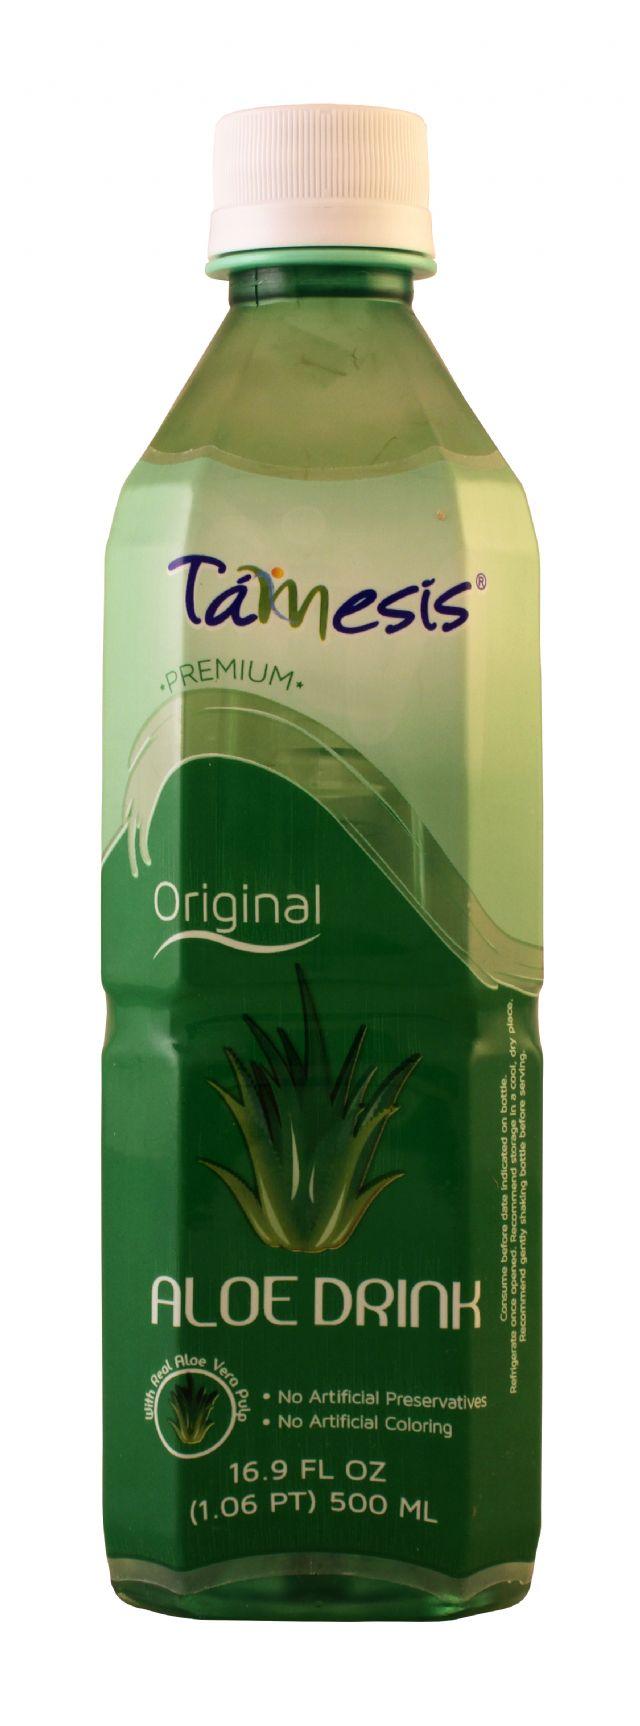 Tamesis Aloe Drink: Tamesis Original Front